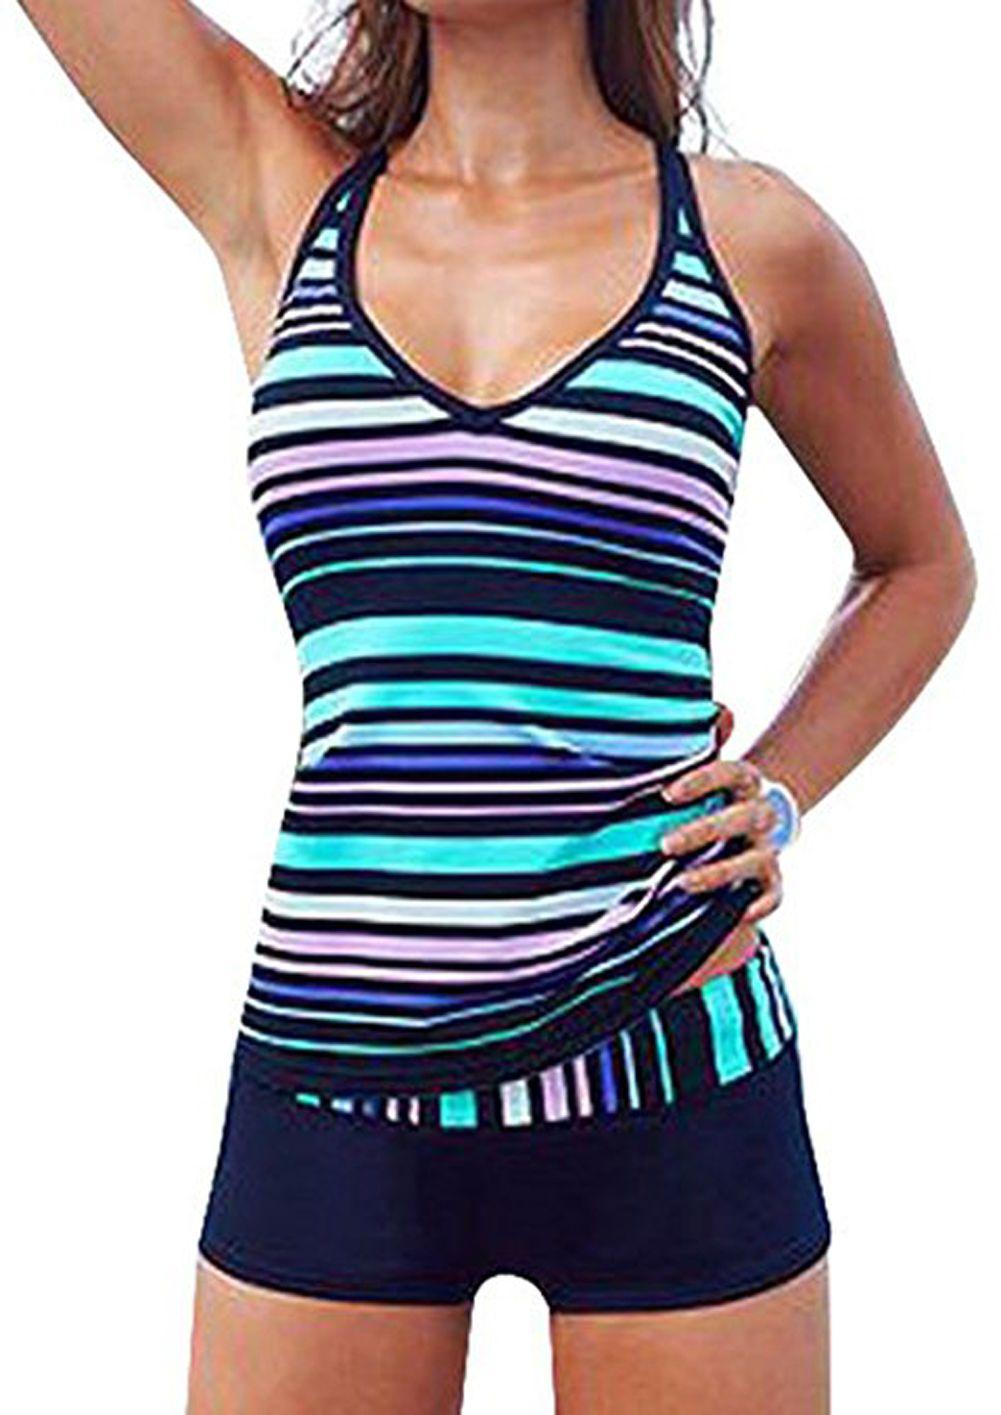 Women Stripes Pattern Two Piece Sporty Swimwear Boy Short